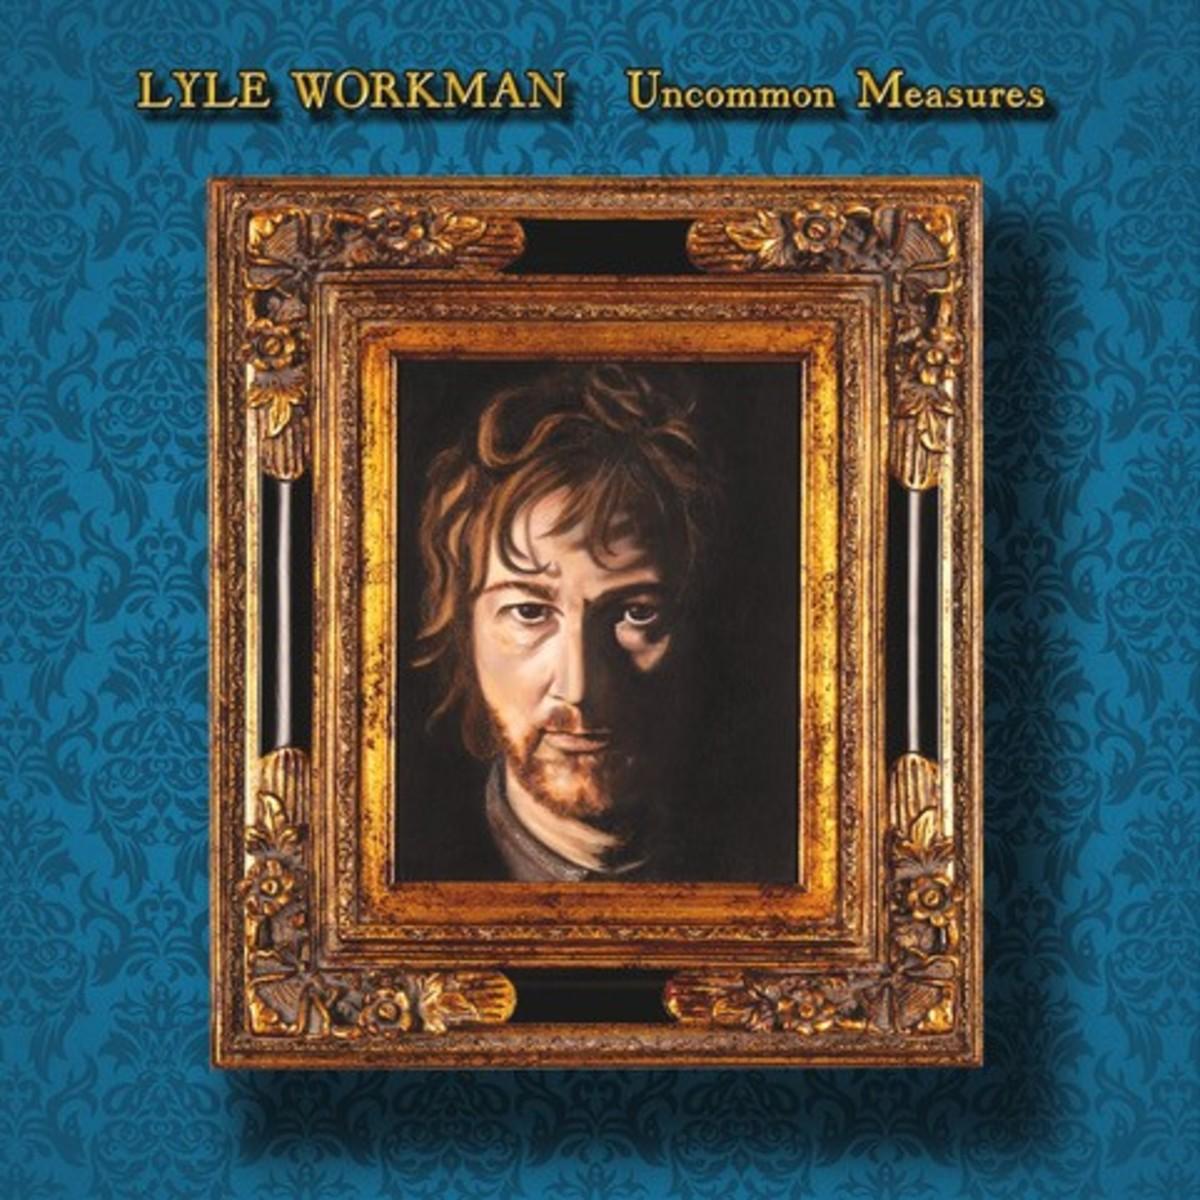 Lyle Workman